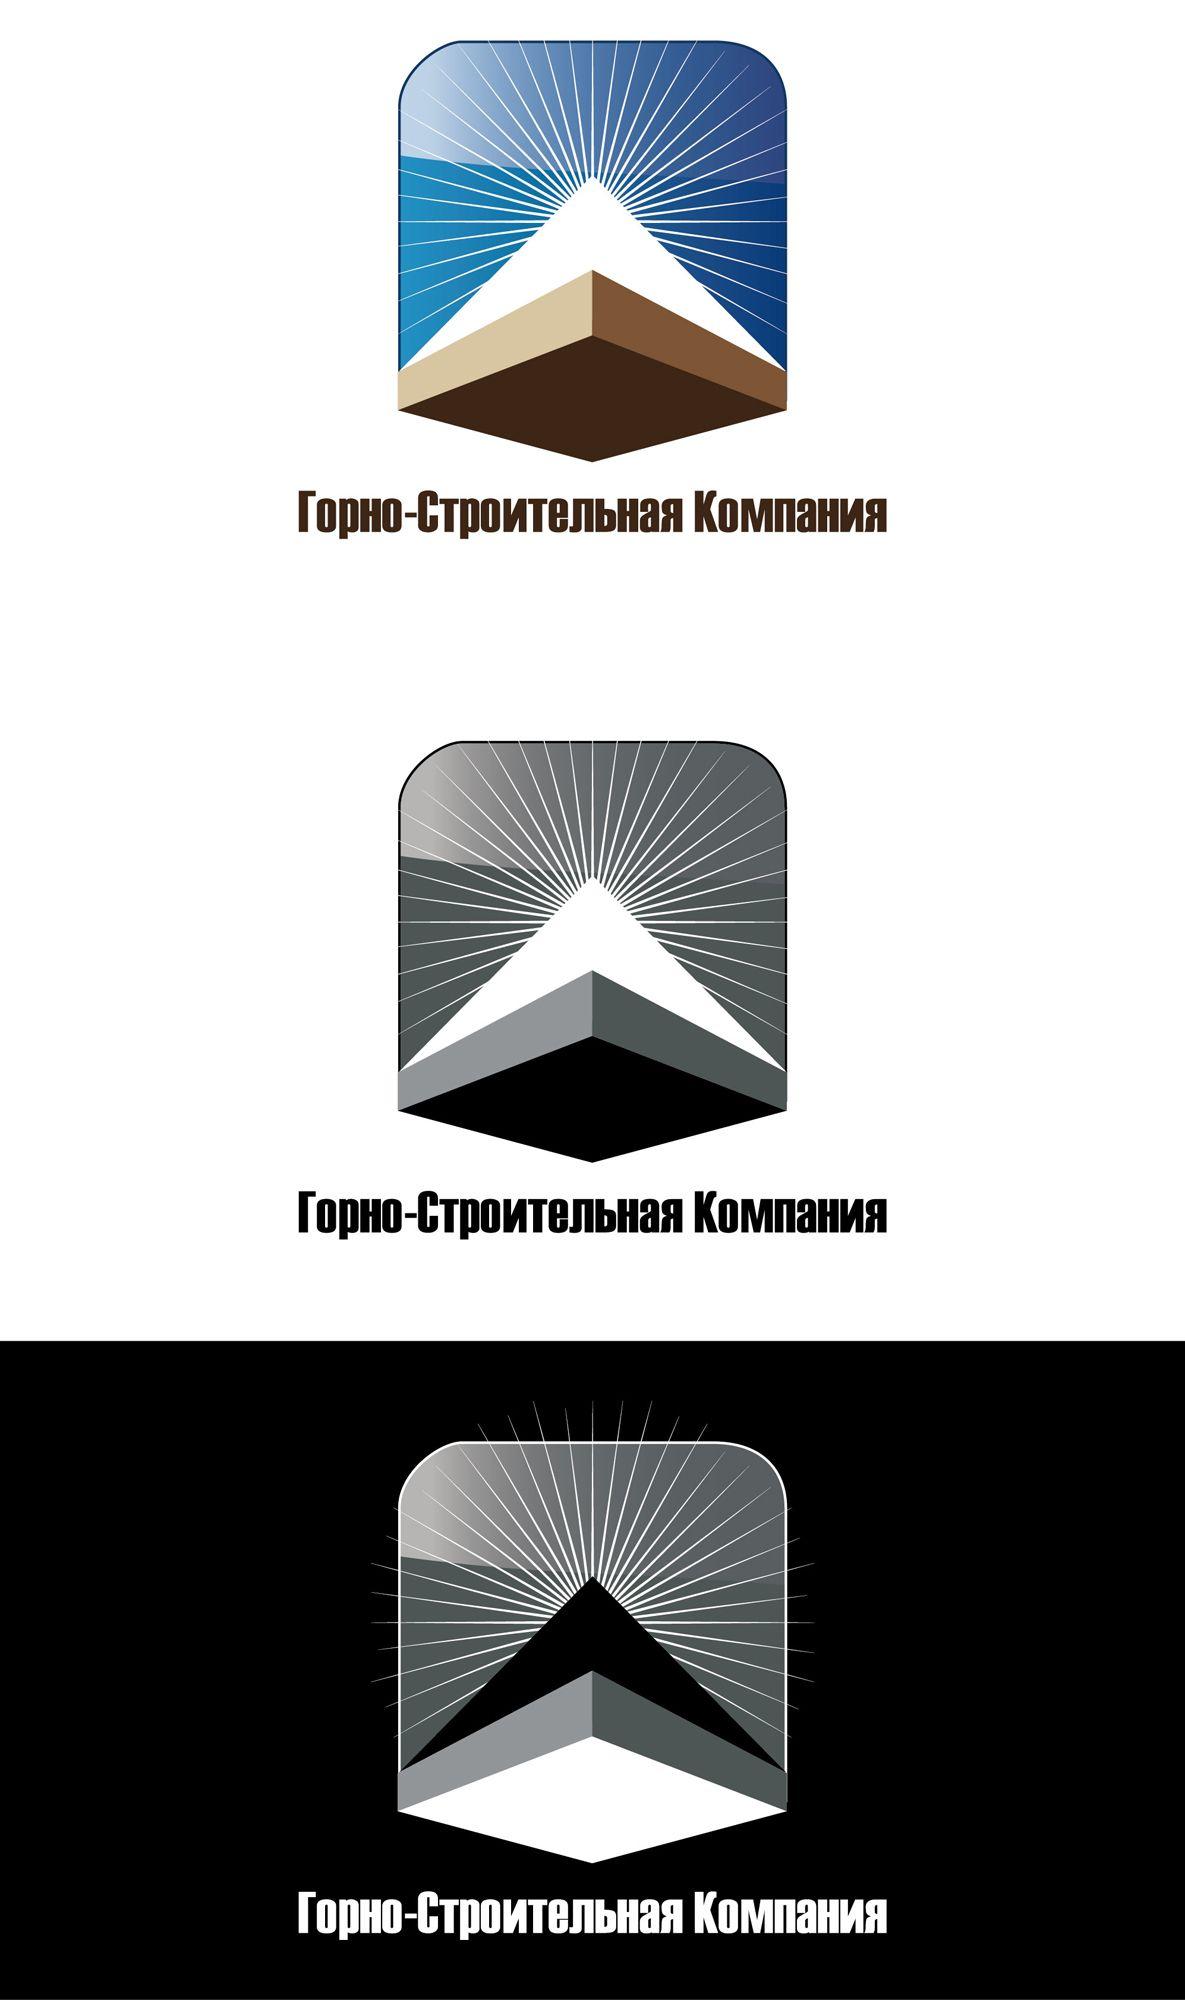 Логотип для Горно-Строительной Компании - дизайнер voenerges